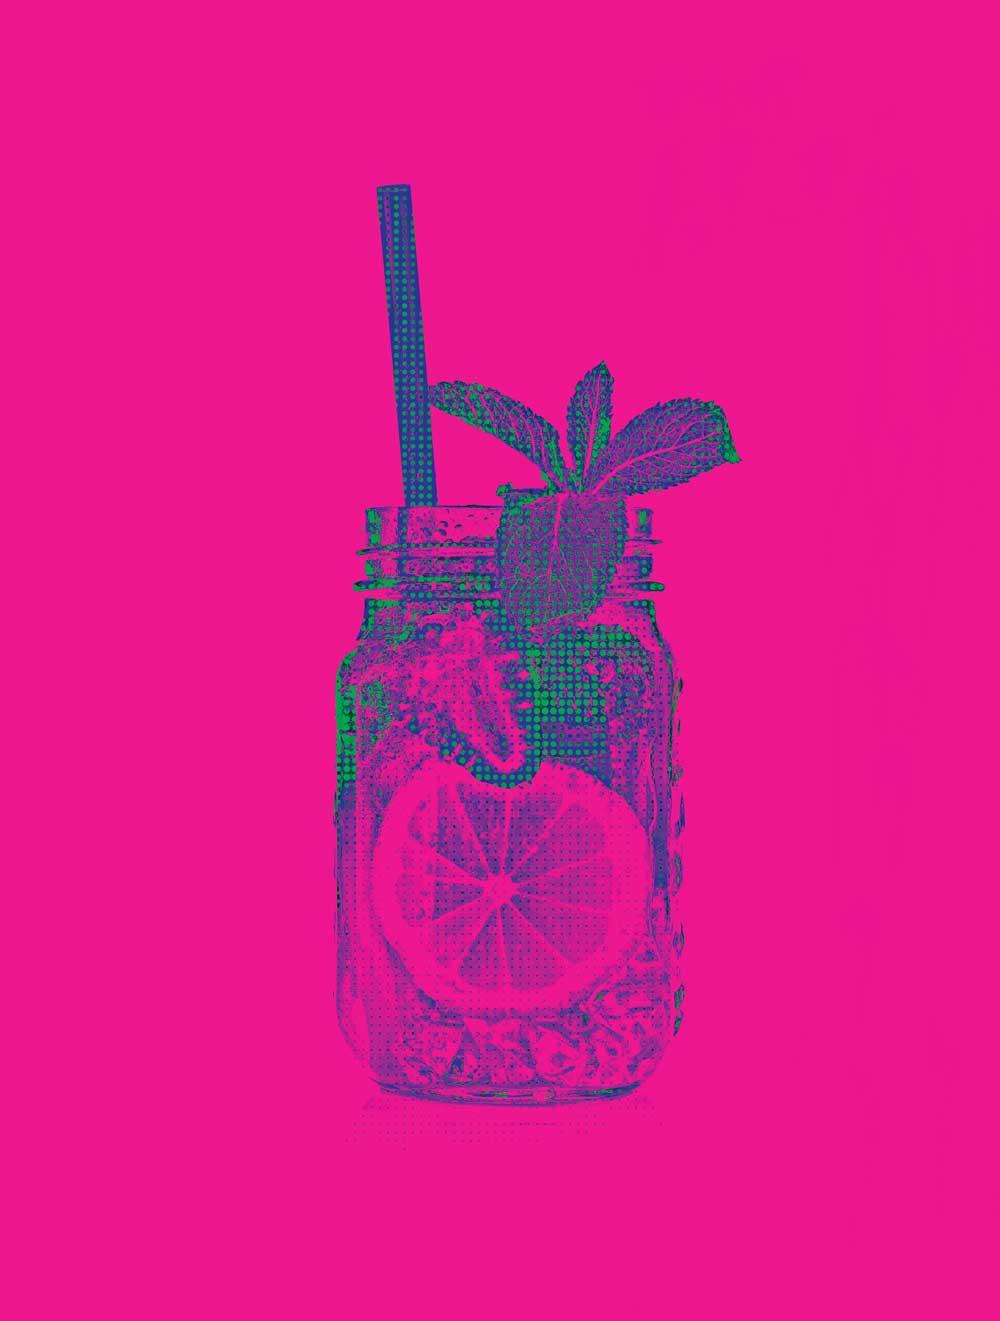 2for£12 - On CocktailsDownload cocktail menu